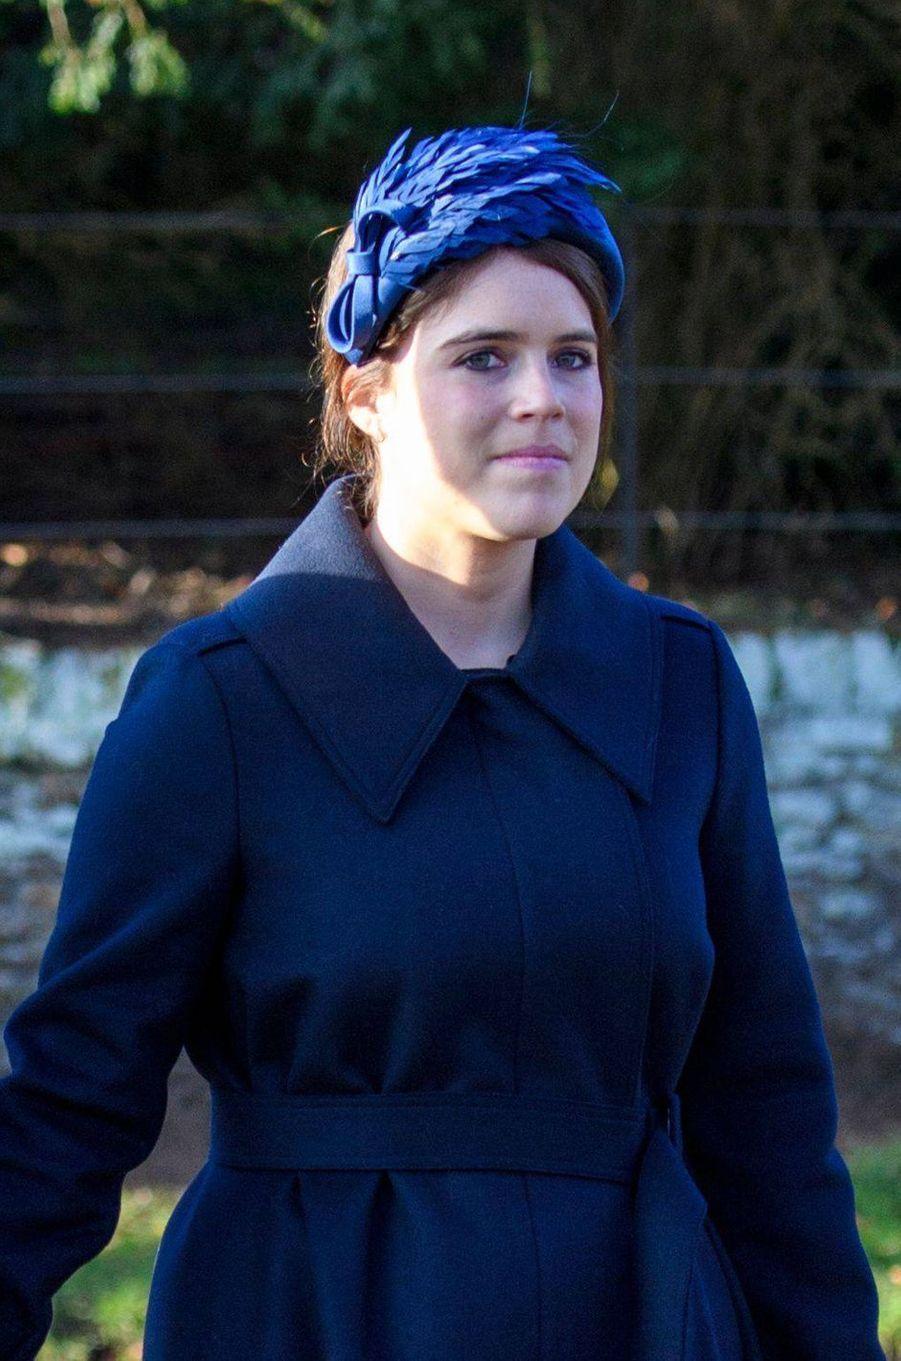 La princesse Eugenie d'York (ici le 25 décembre 2019) va fêter ses 30 ans en 2020